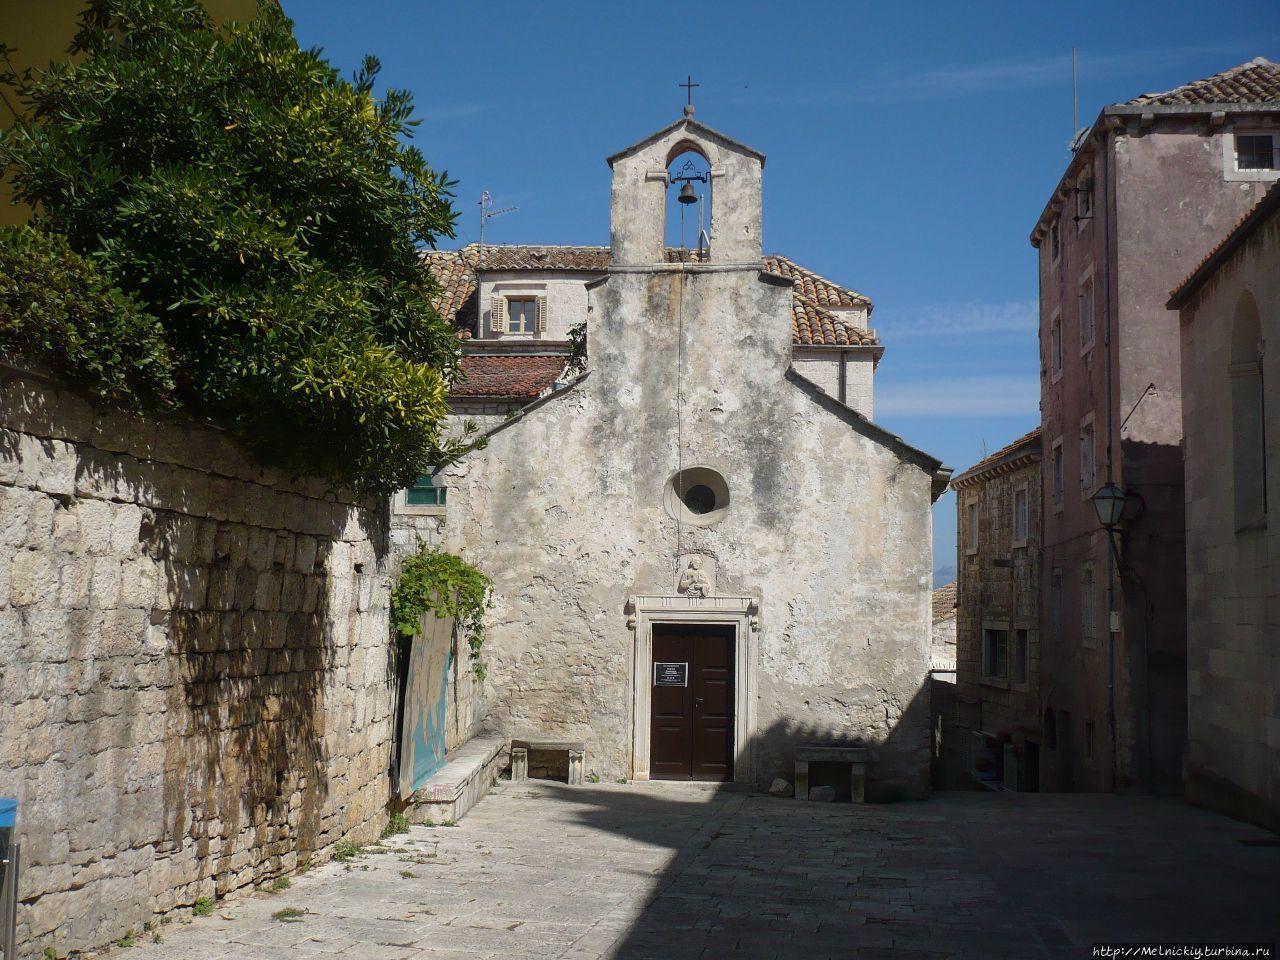 Церковь Святого Петра Корчула, остров Корчула, Хорватия